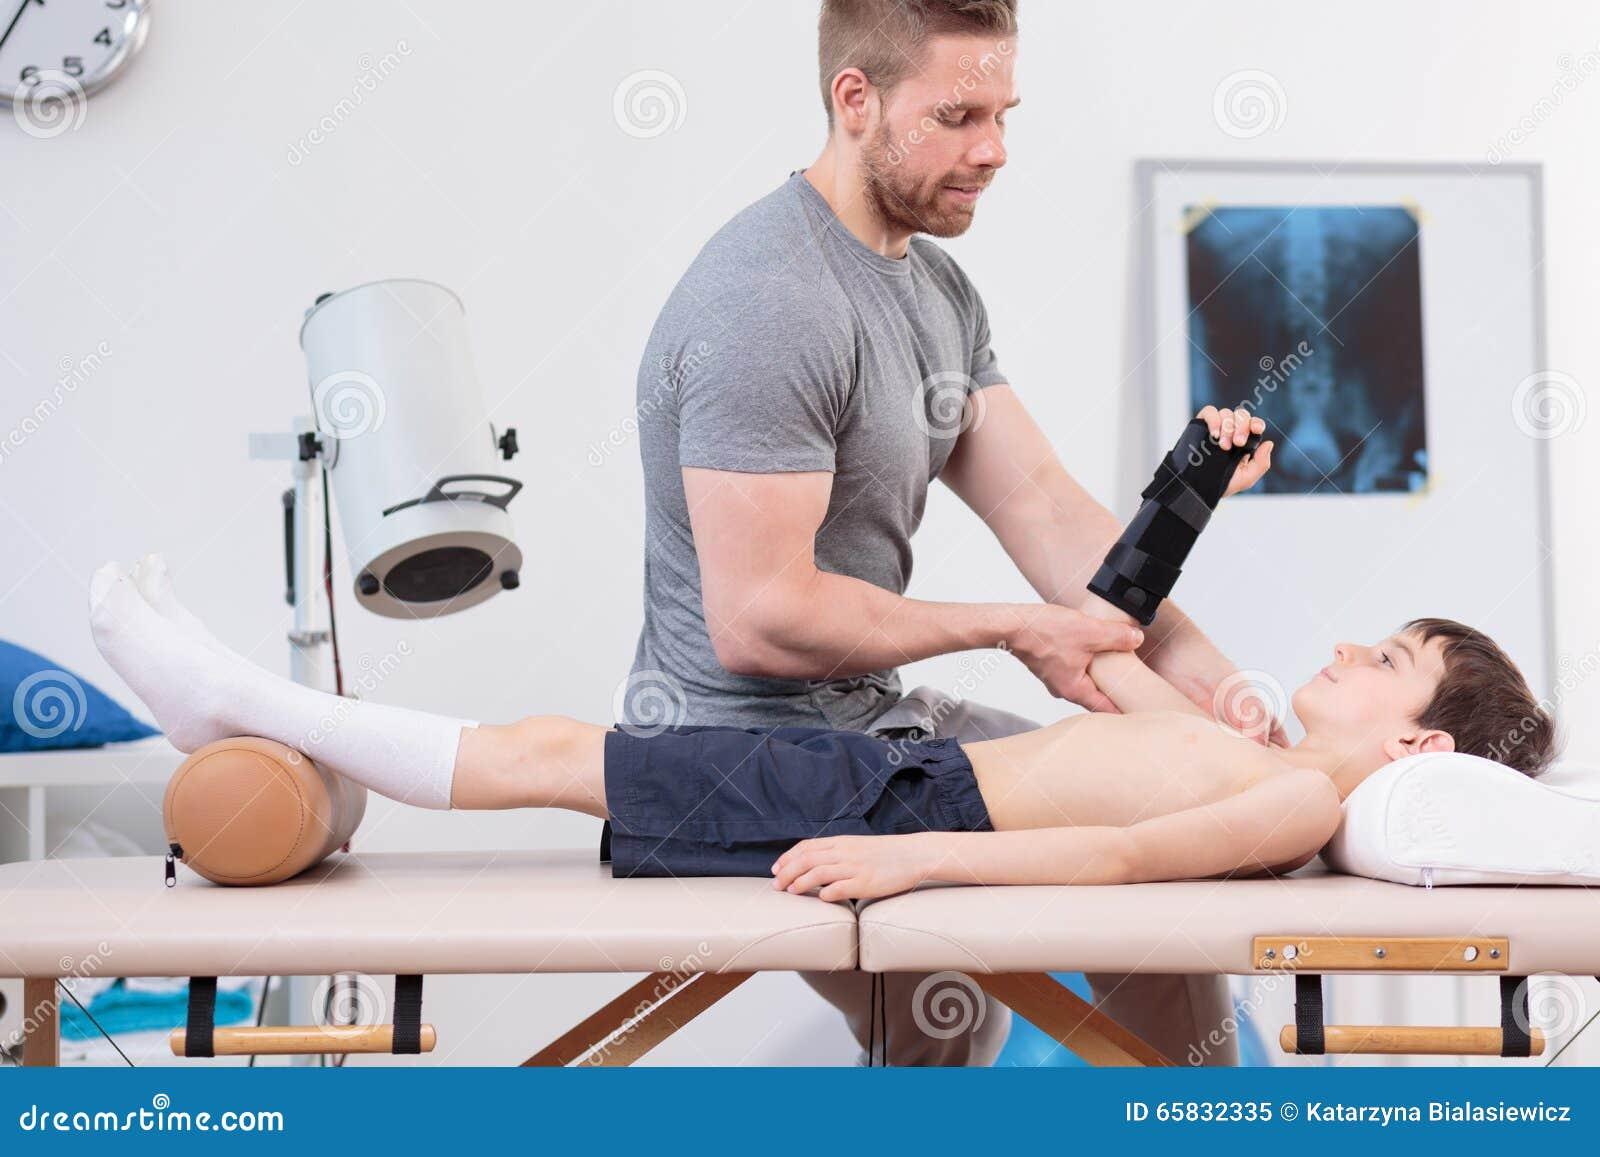 Jeune patient rendant visite à un physiothérapeute